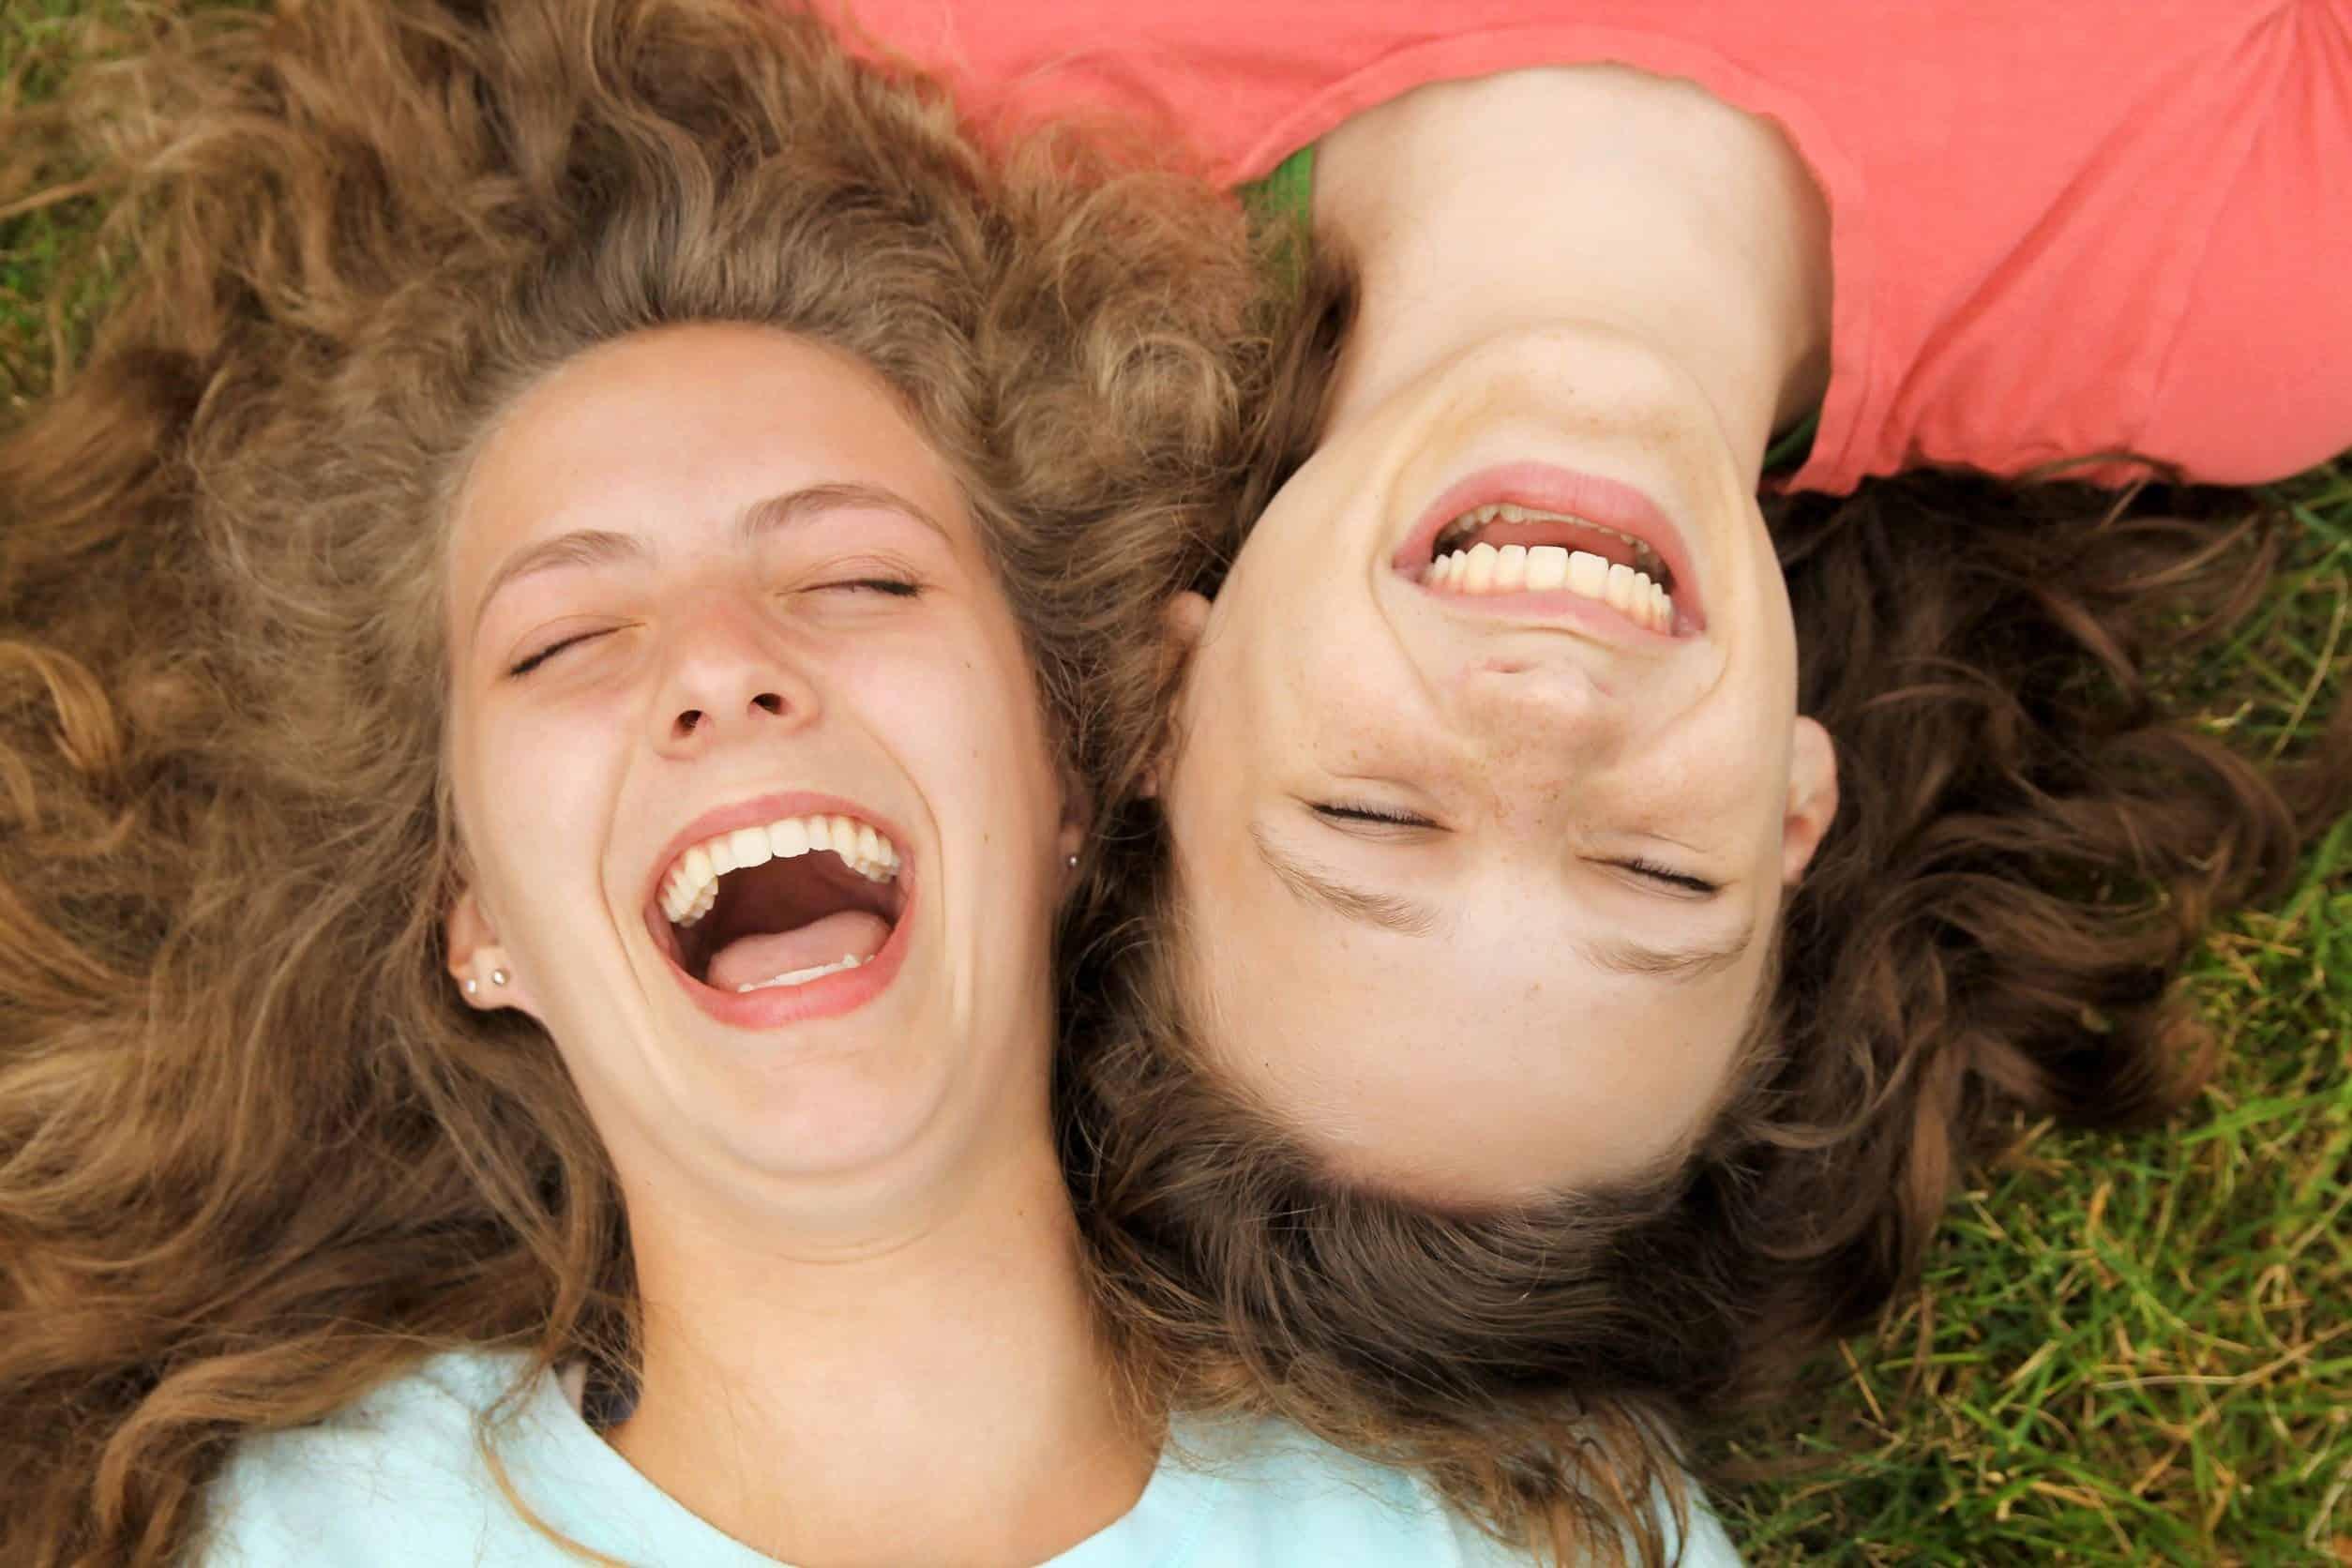 Rir alto pode te ajudar